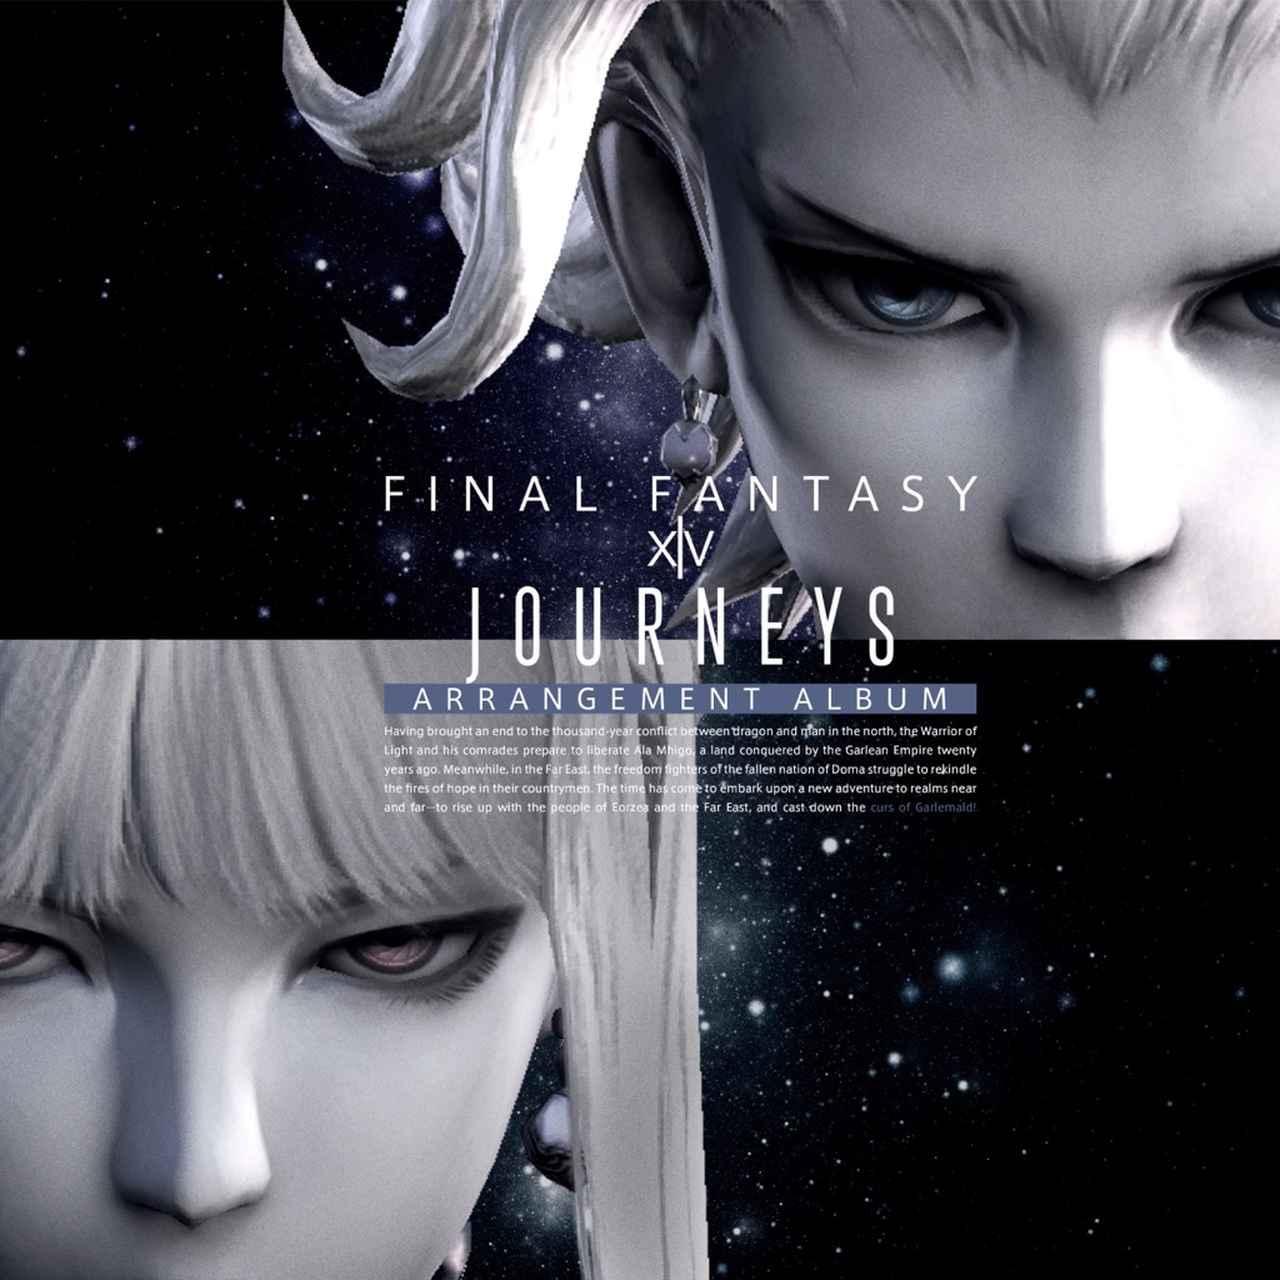 画像: Journeys: FINAL FANTASY XIV 〜 Arrangement Album 〜 / Keiko THE PRIMALS